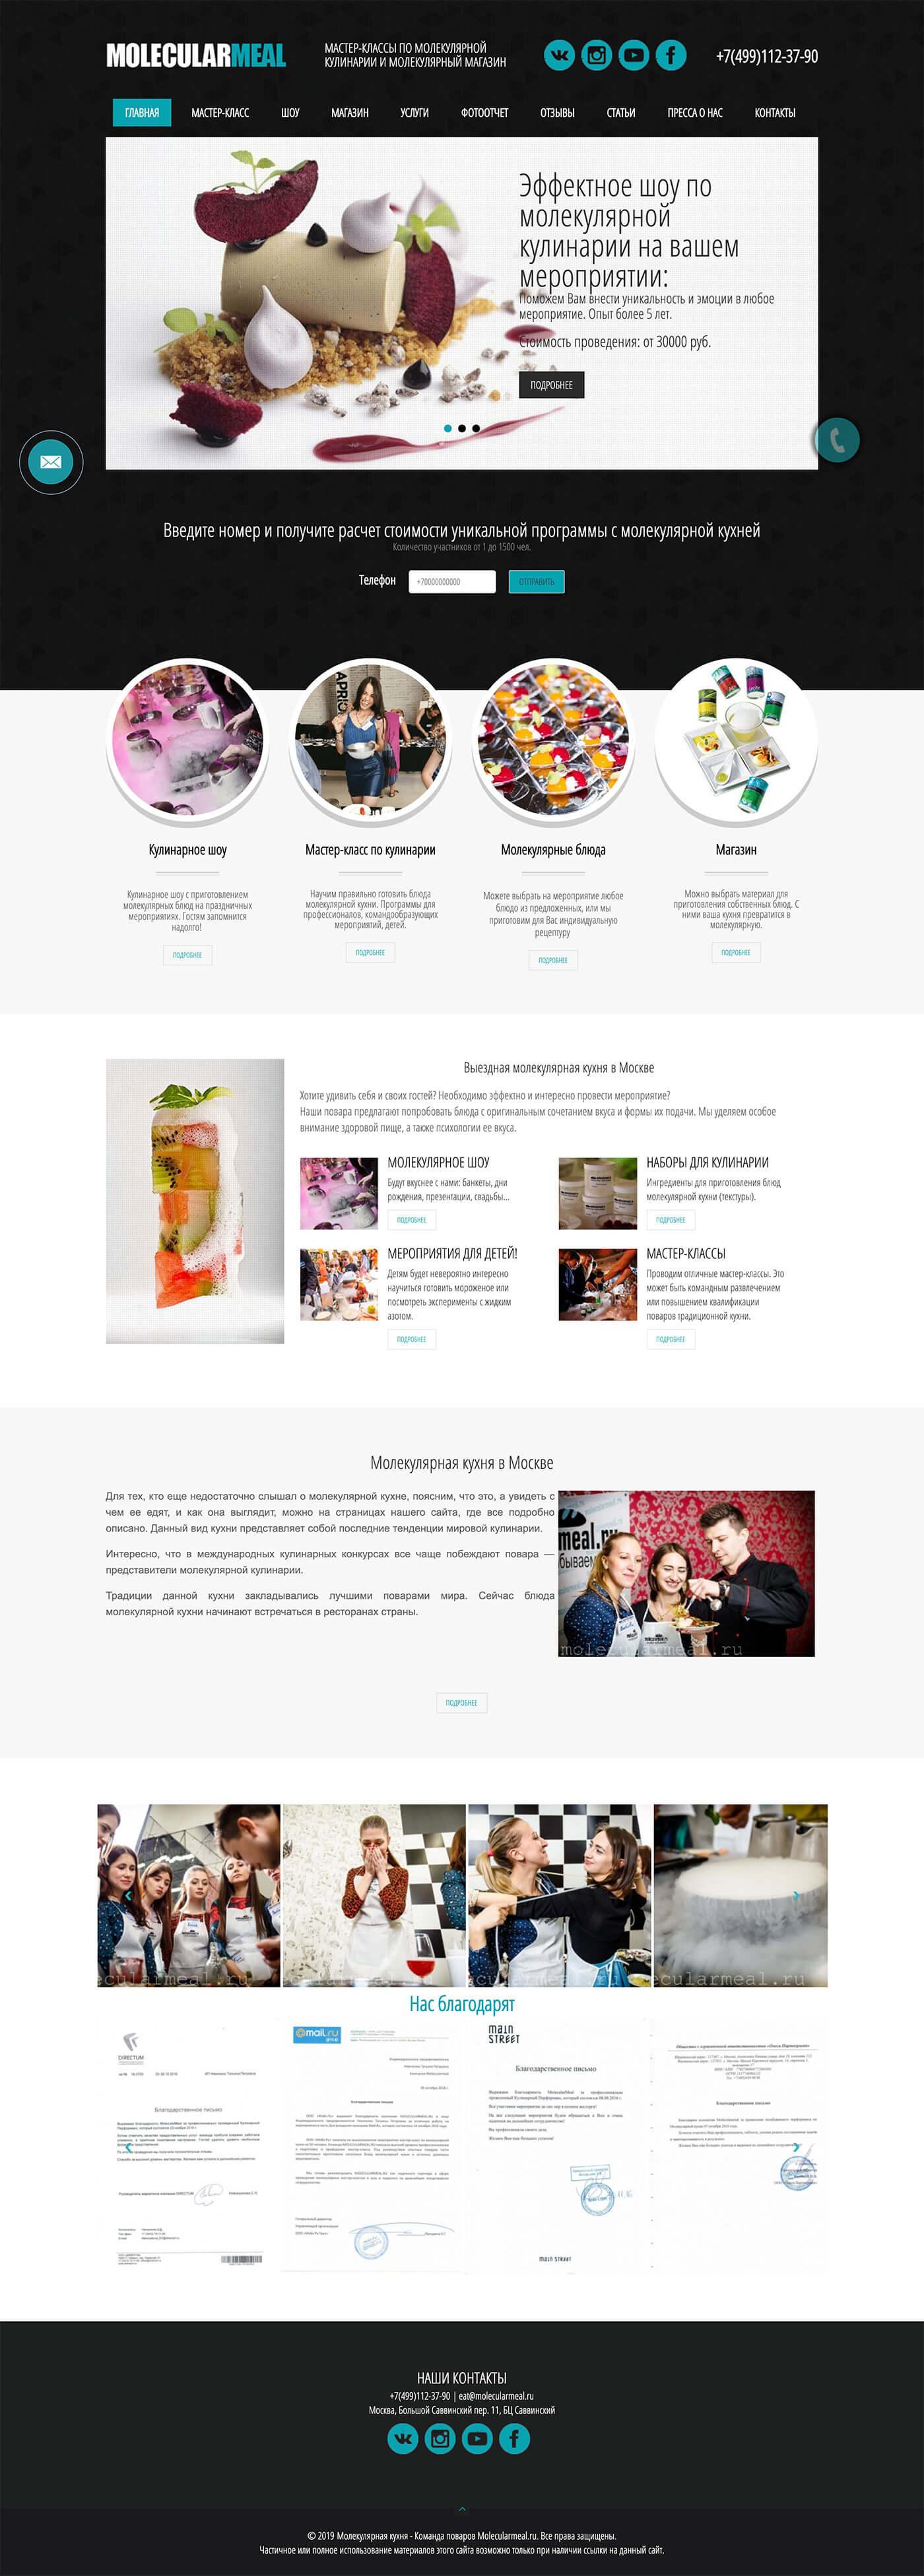 Сайт мастер-классов по молекулярной кухне